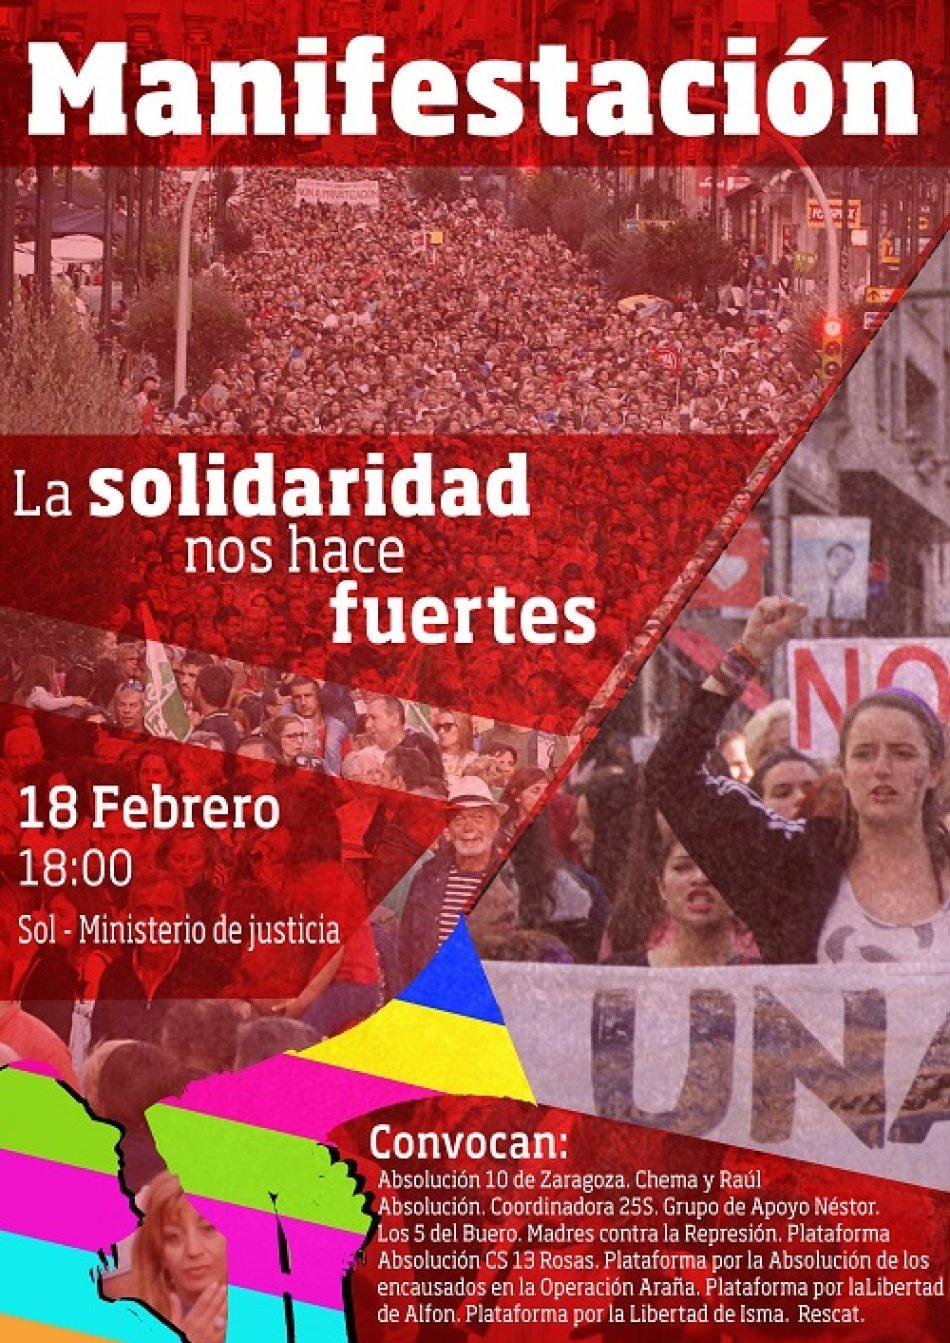 18-F, manifestación Antirrepresiva en Madrid: «la solidaridad nos hace fuertes»